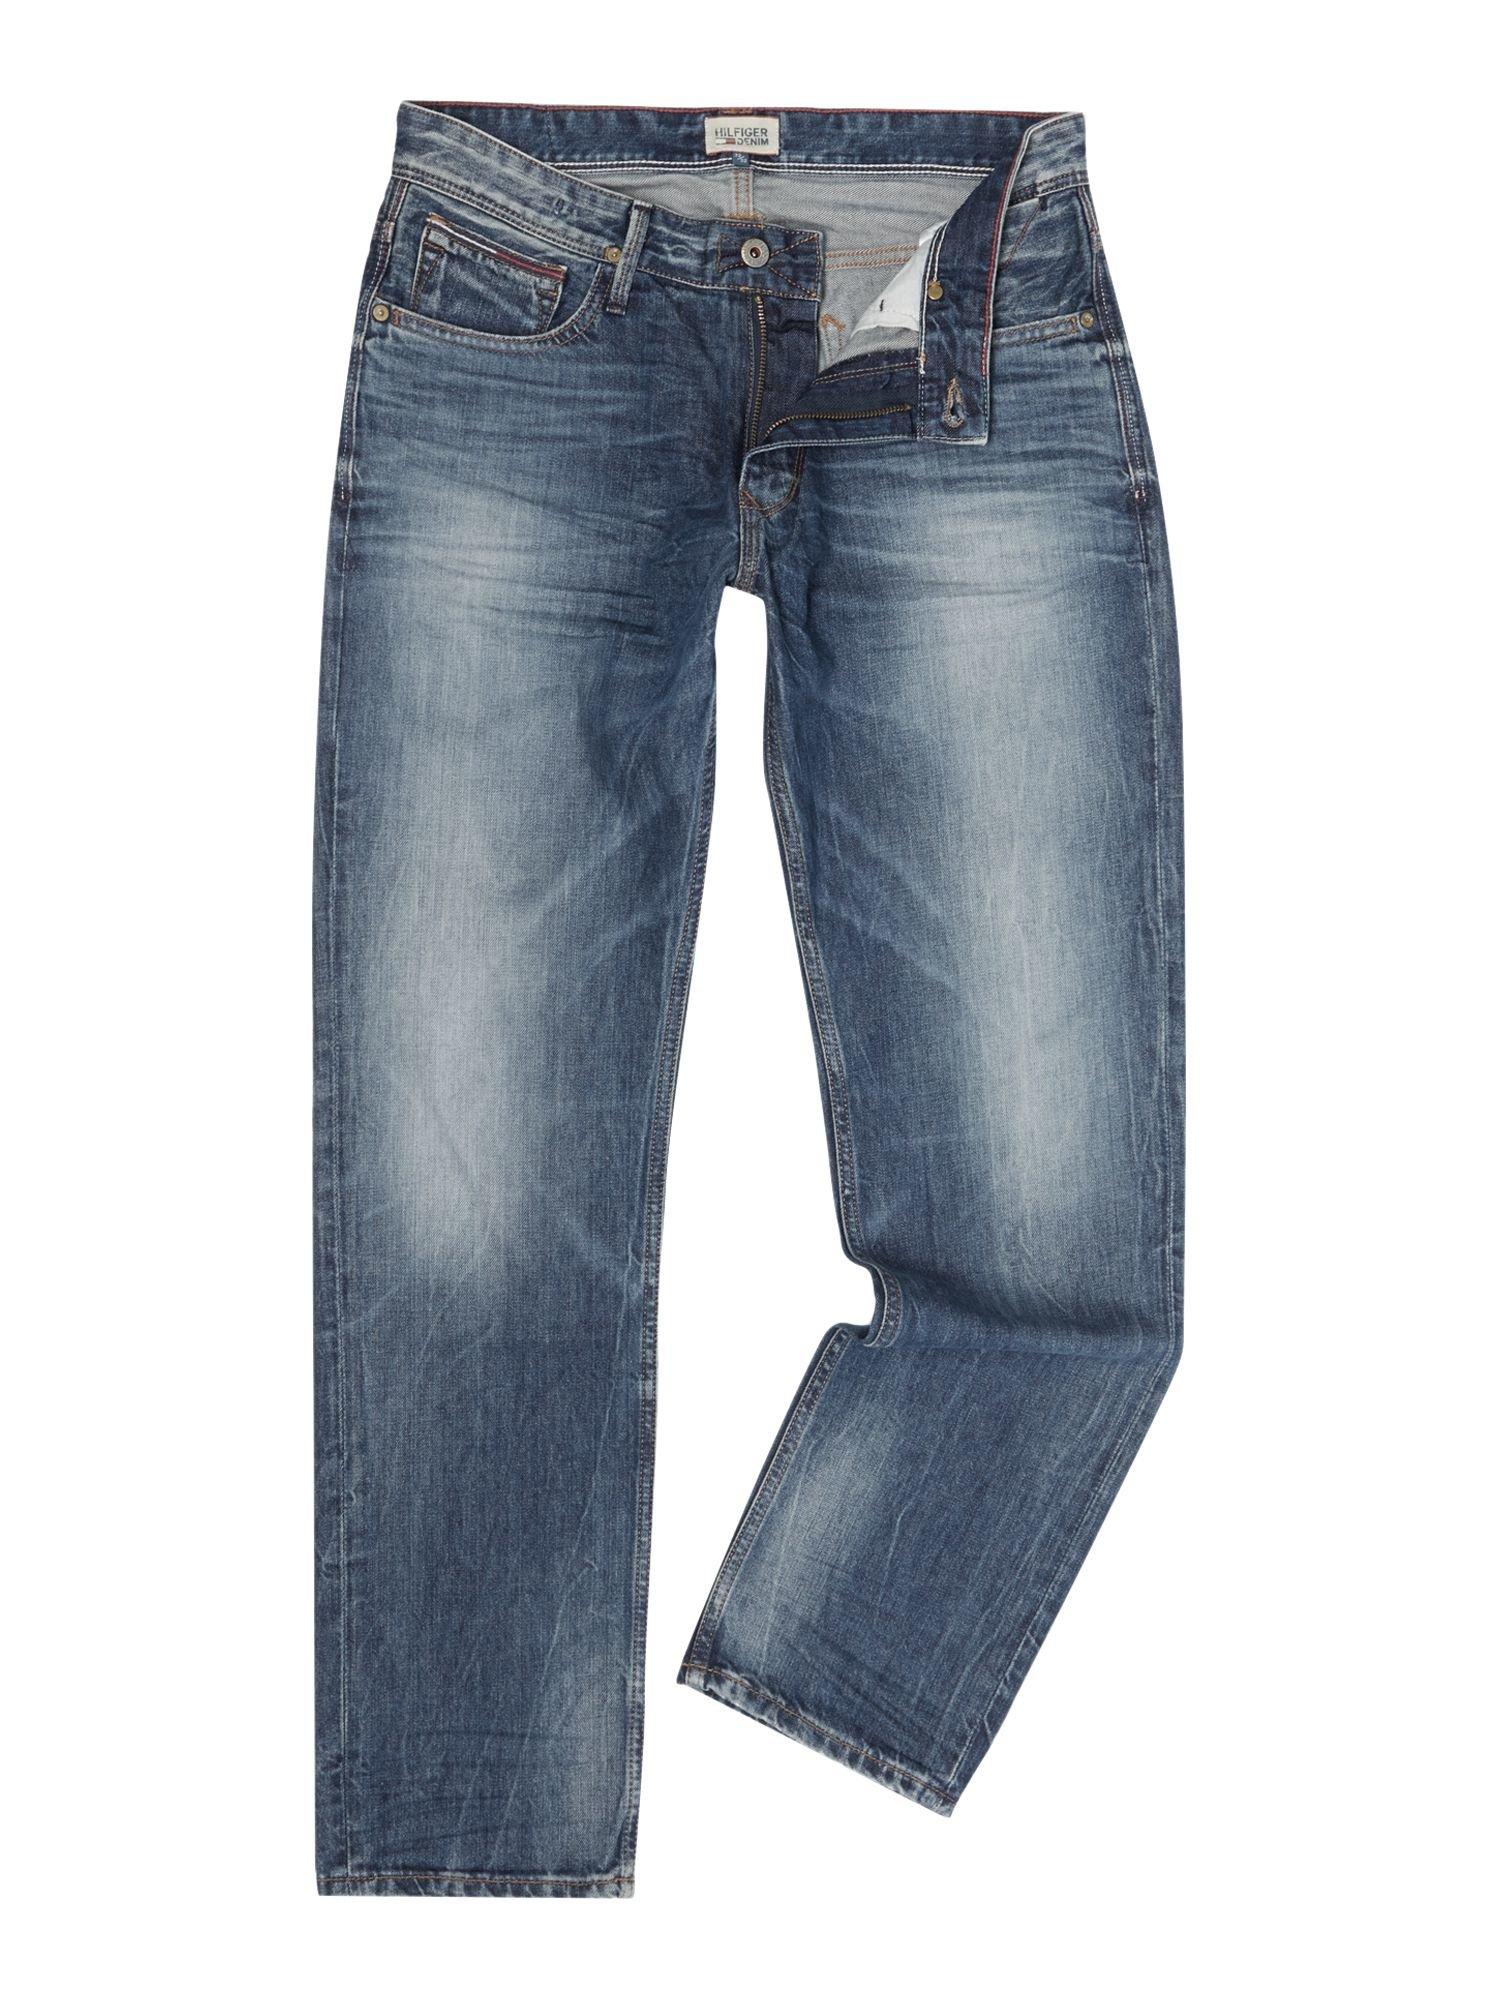 tommy hilfiger ryan peb jeans in blue for men lyst. Black Bedroom Furniture Sets. Home Design Ideas